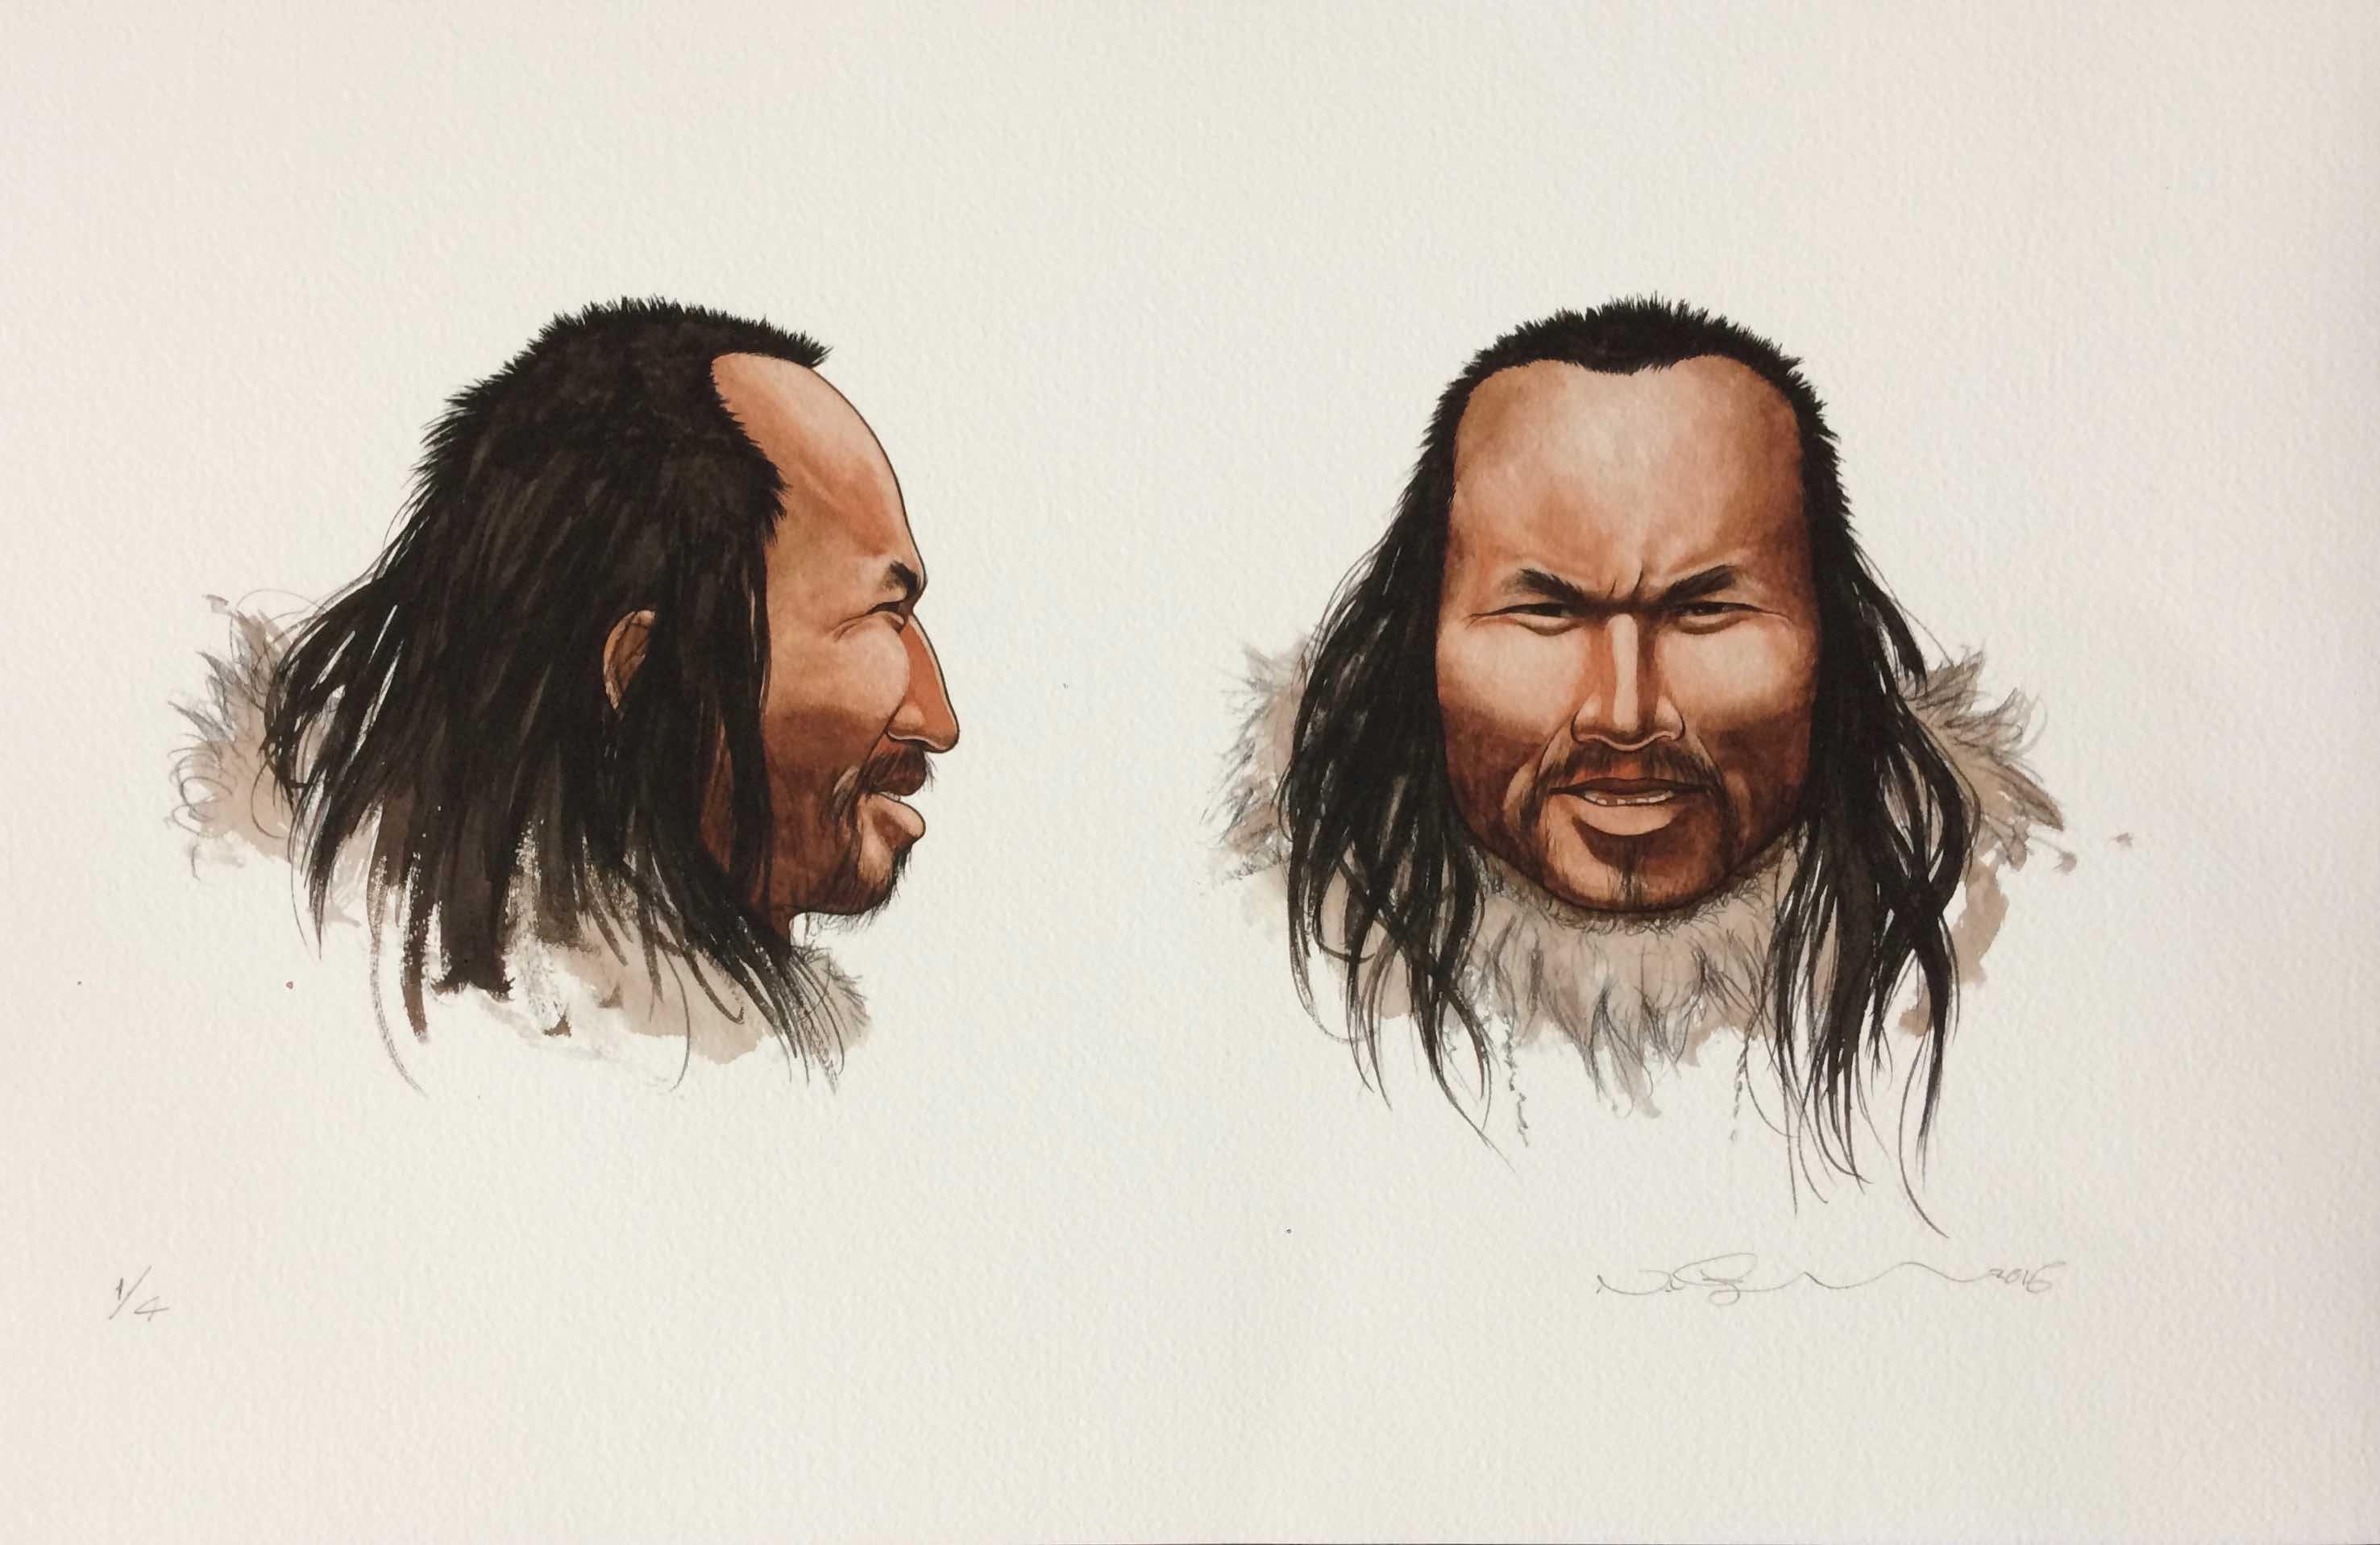 Portræt af Saqqaq-mand